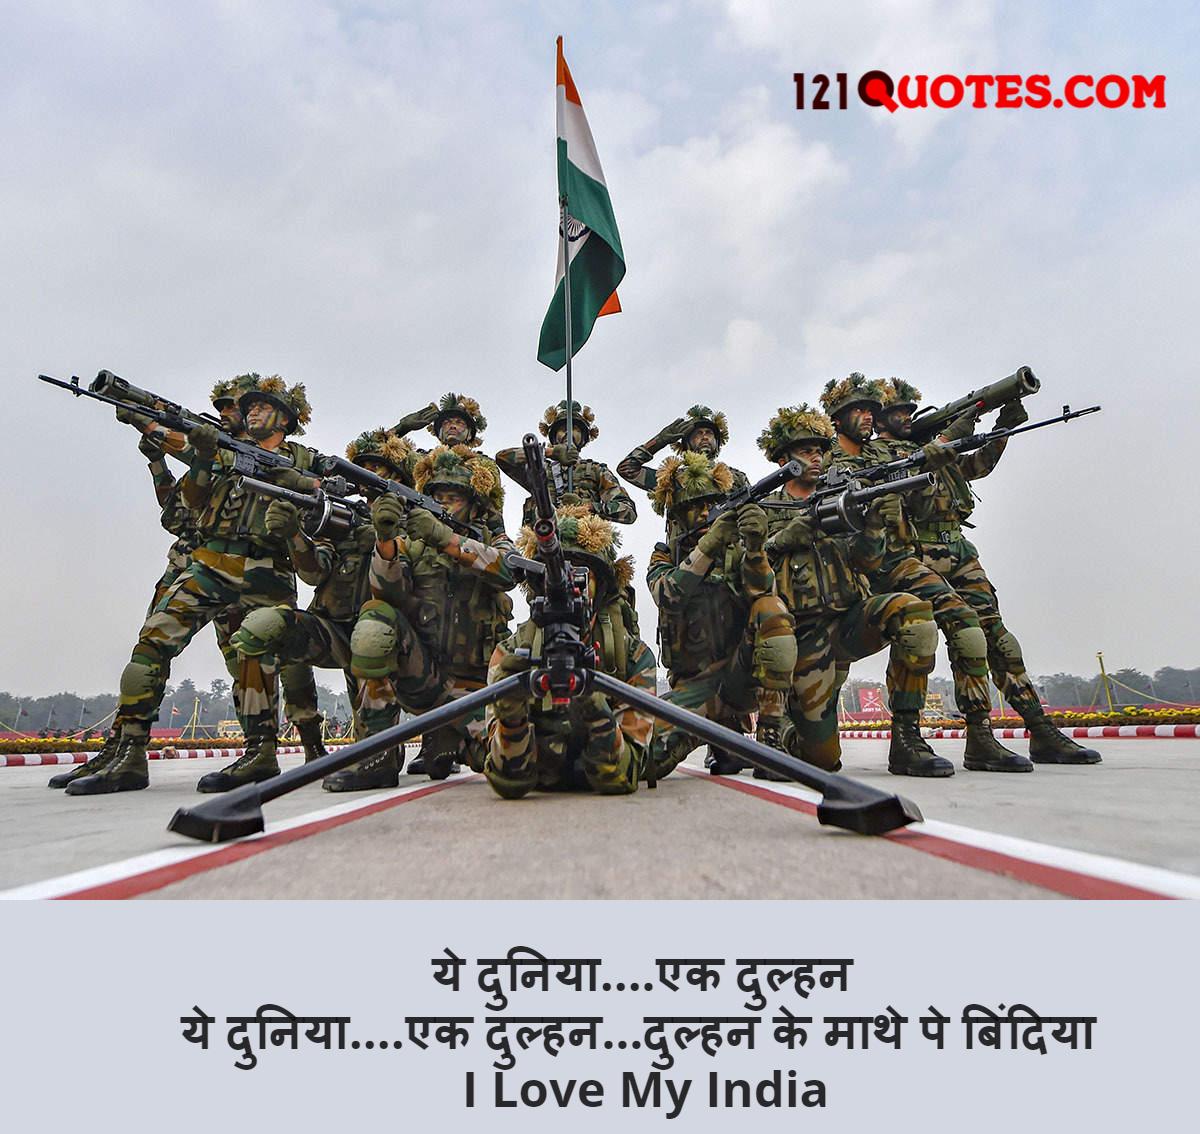 ये दुनिया….एक दुल्हन ये दुनिया….एक दुल्हन…दुल्हन के माथे पे बिंदिया I Love My India